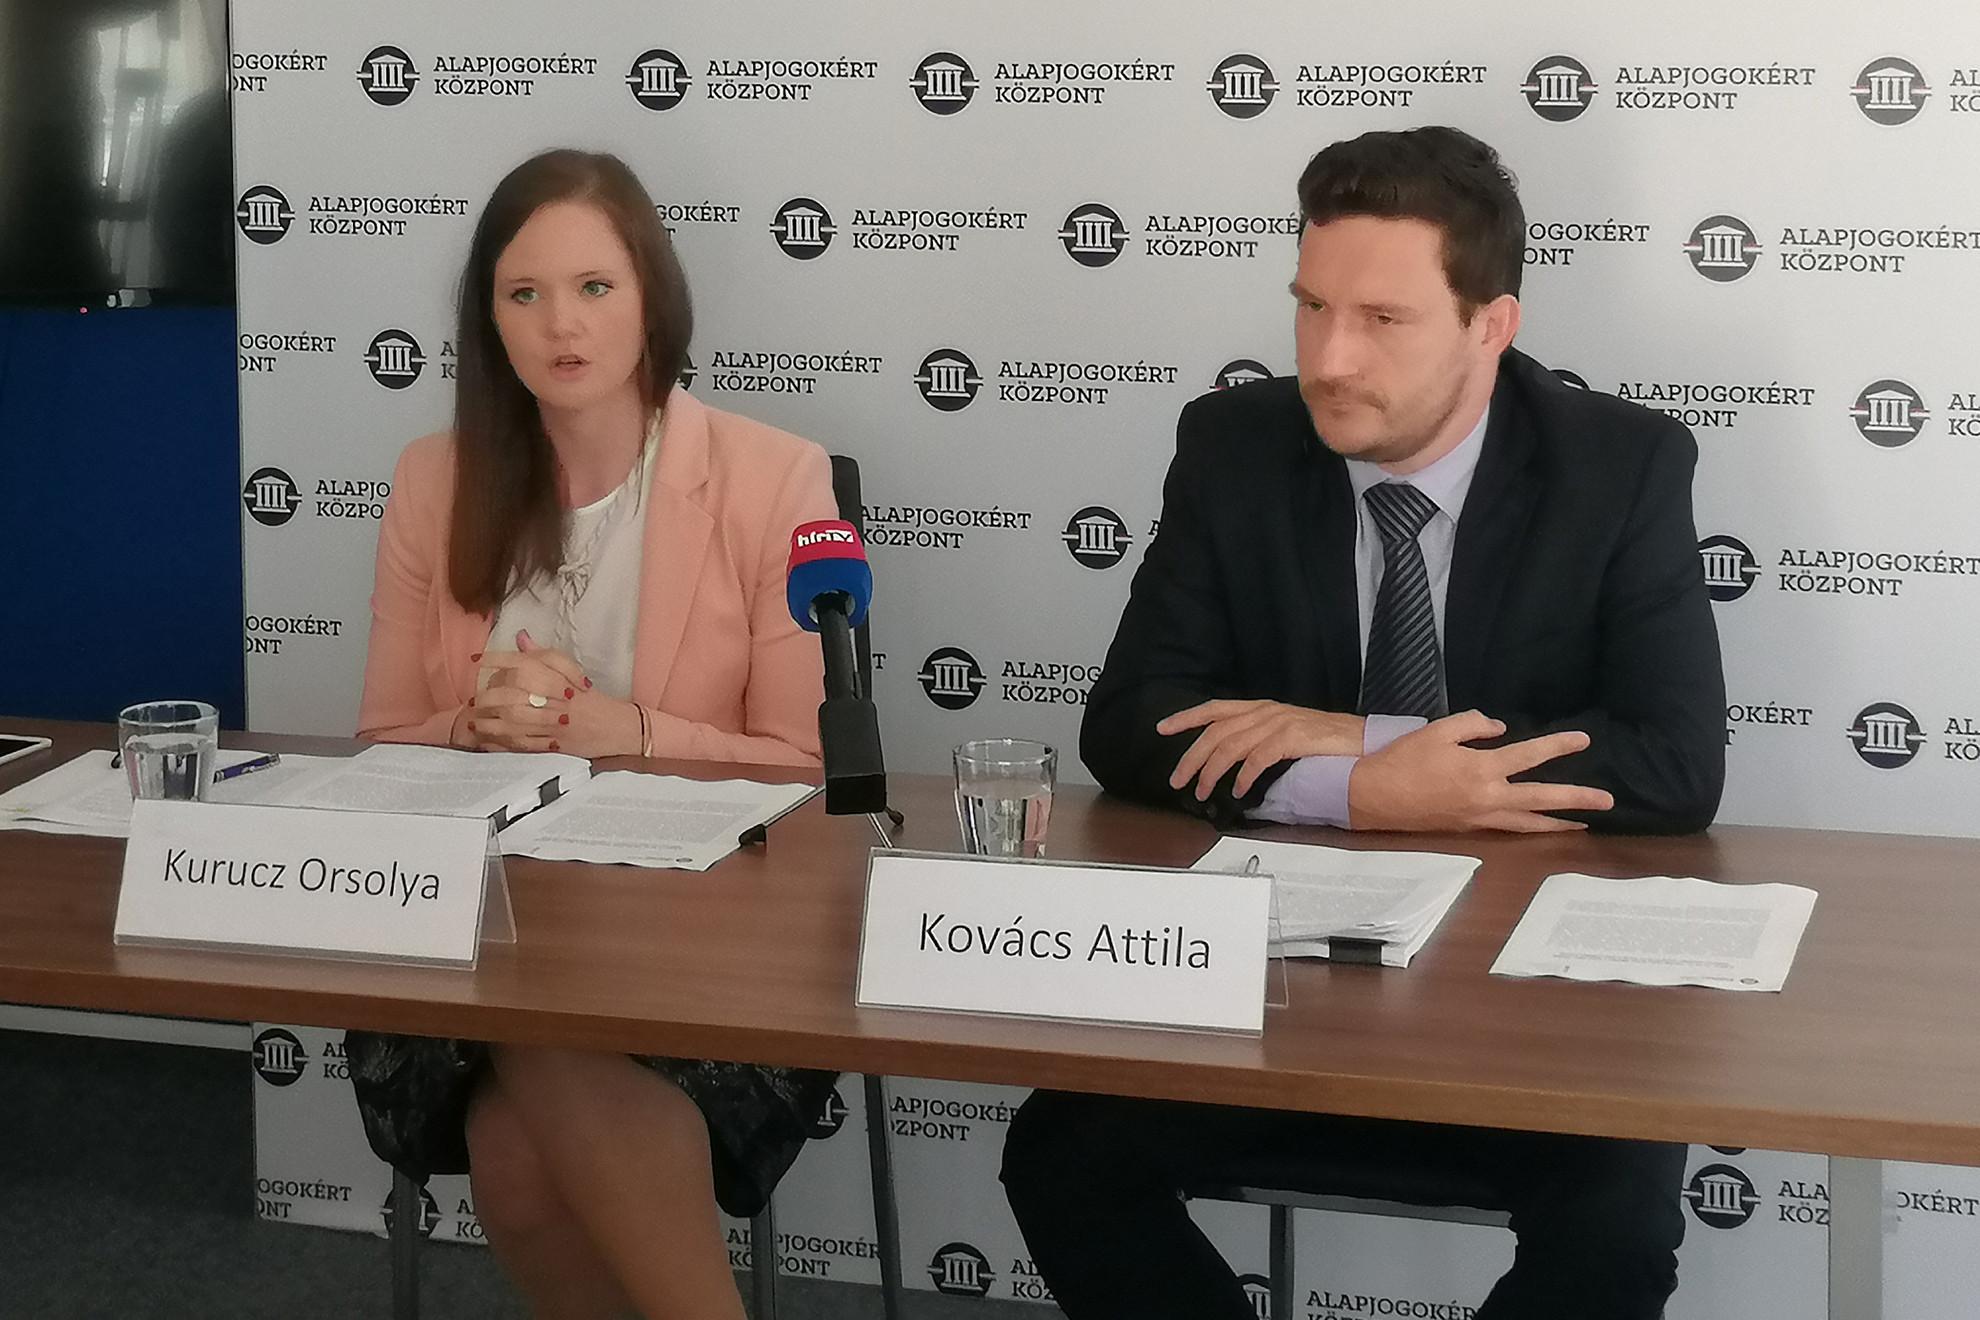 Kurucz Orsolya, az Alapjogokért Központ projektvezető-helyettese és Kovács Attila, az Alapjogokért Központ projektvezetője